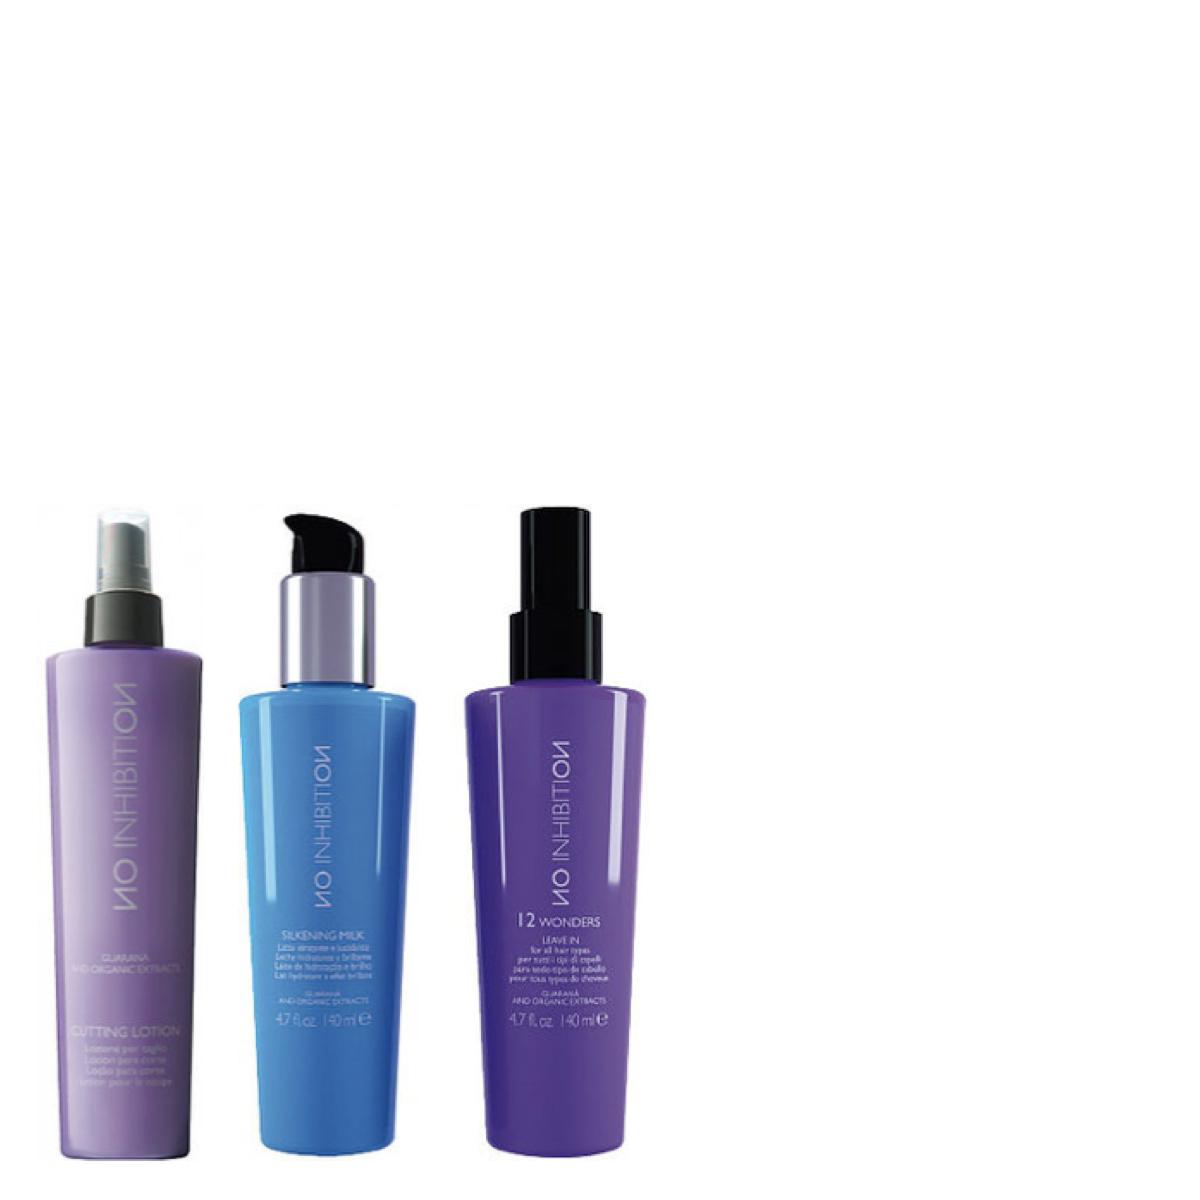 Купить профессиональную косметику concept профессиональные косметика для макияжа купить